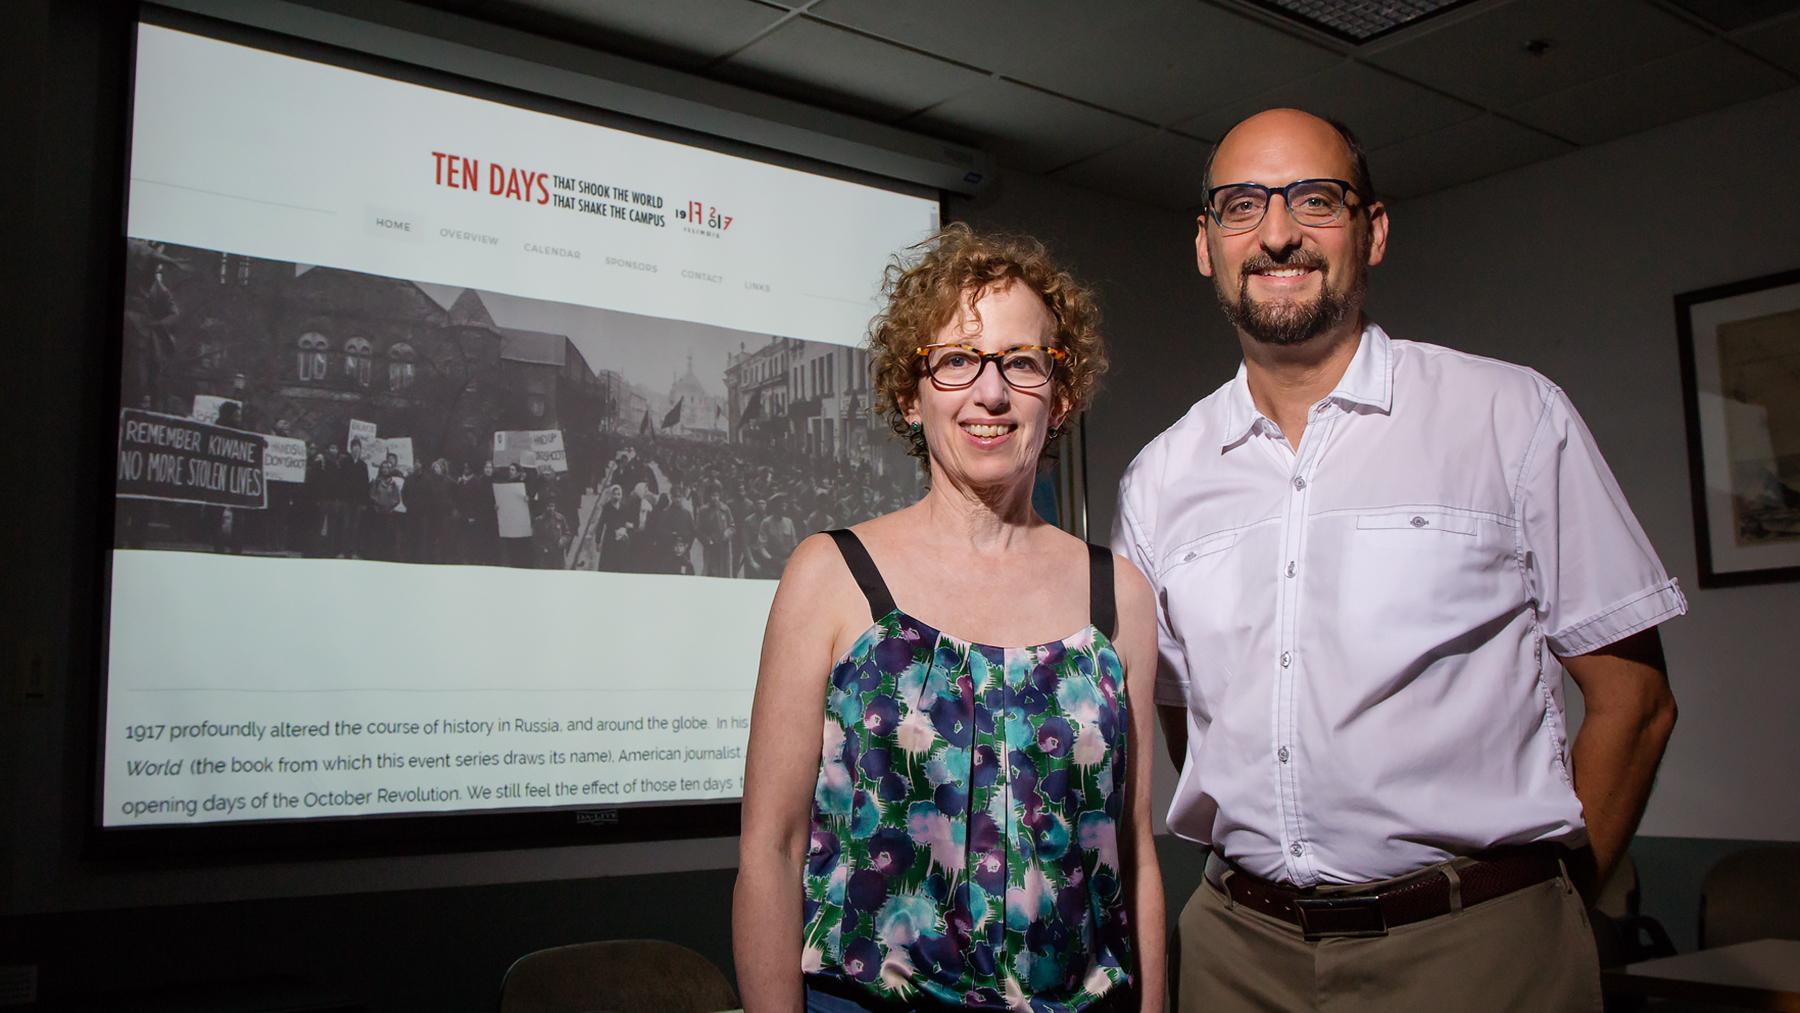 Professors Harriet Murav and David Cooper . Photo by L. Brian Stauffer